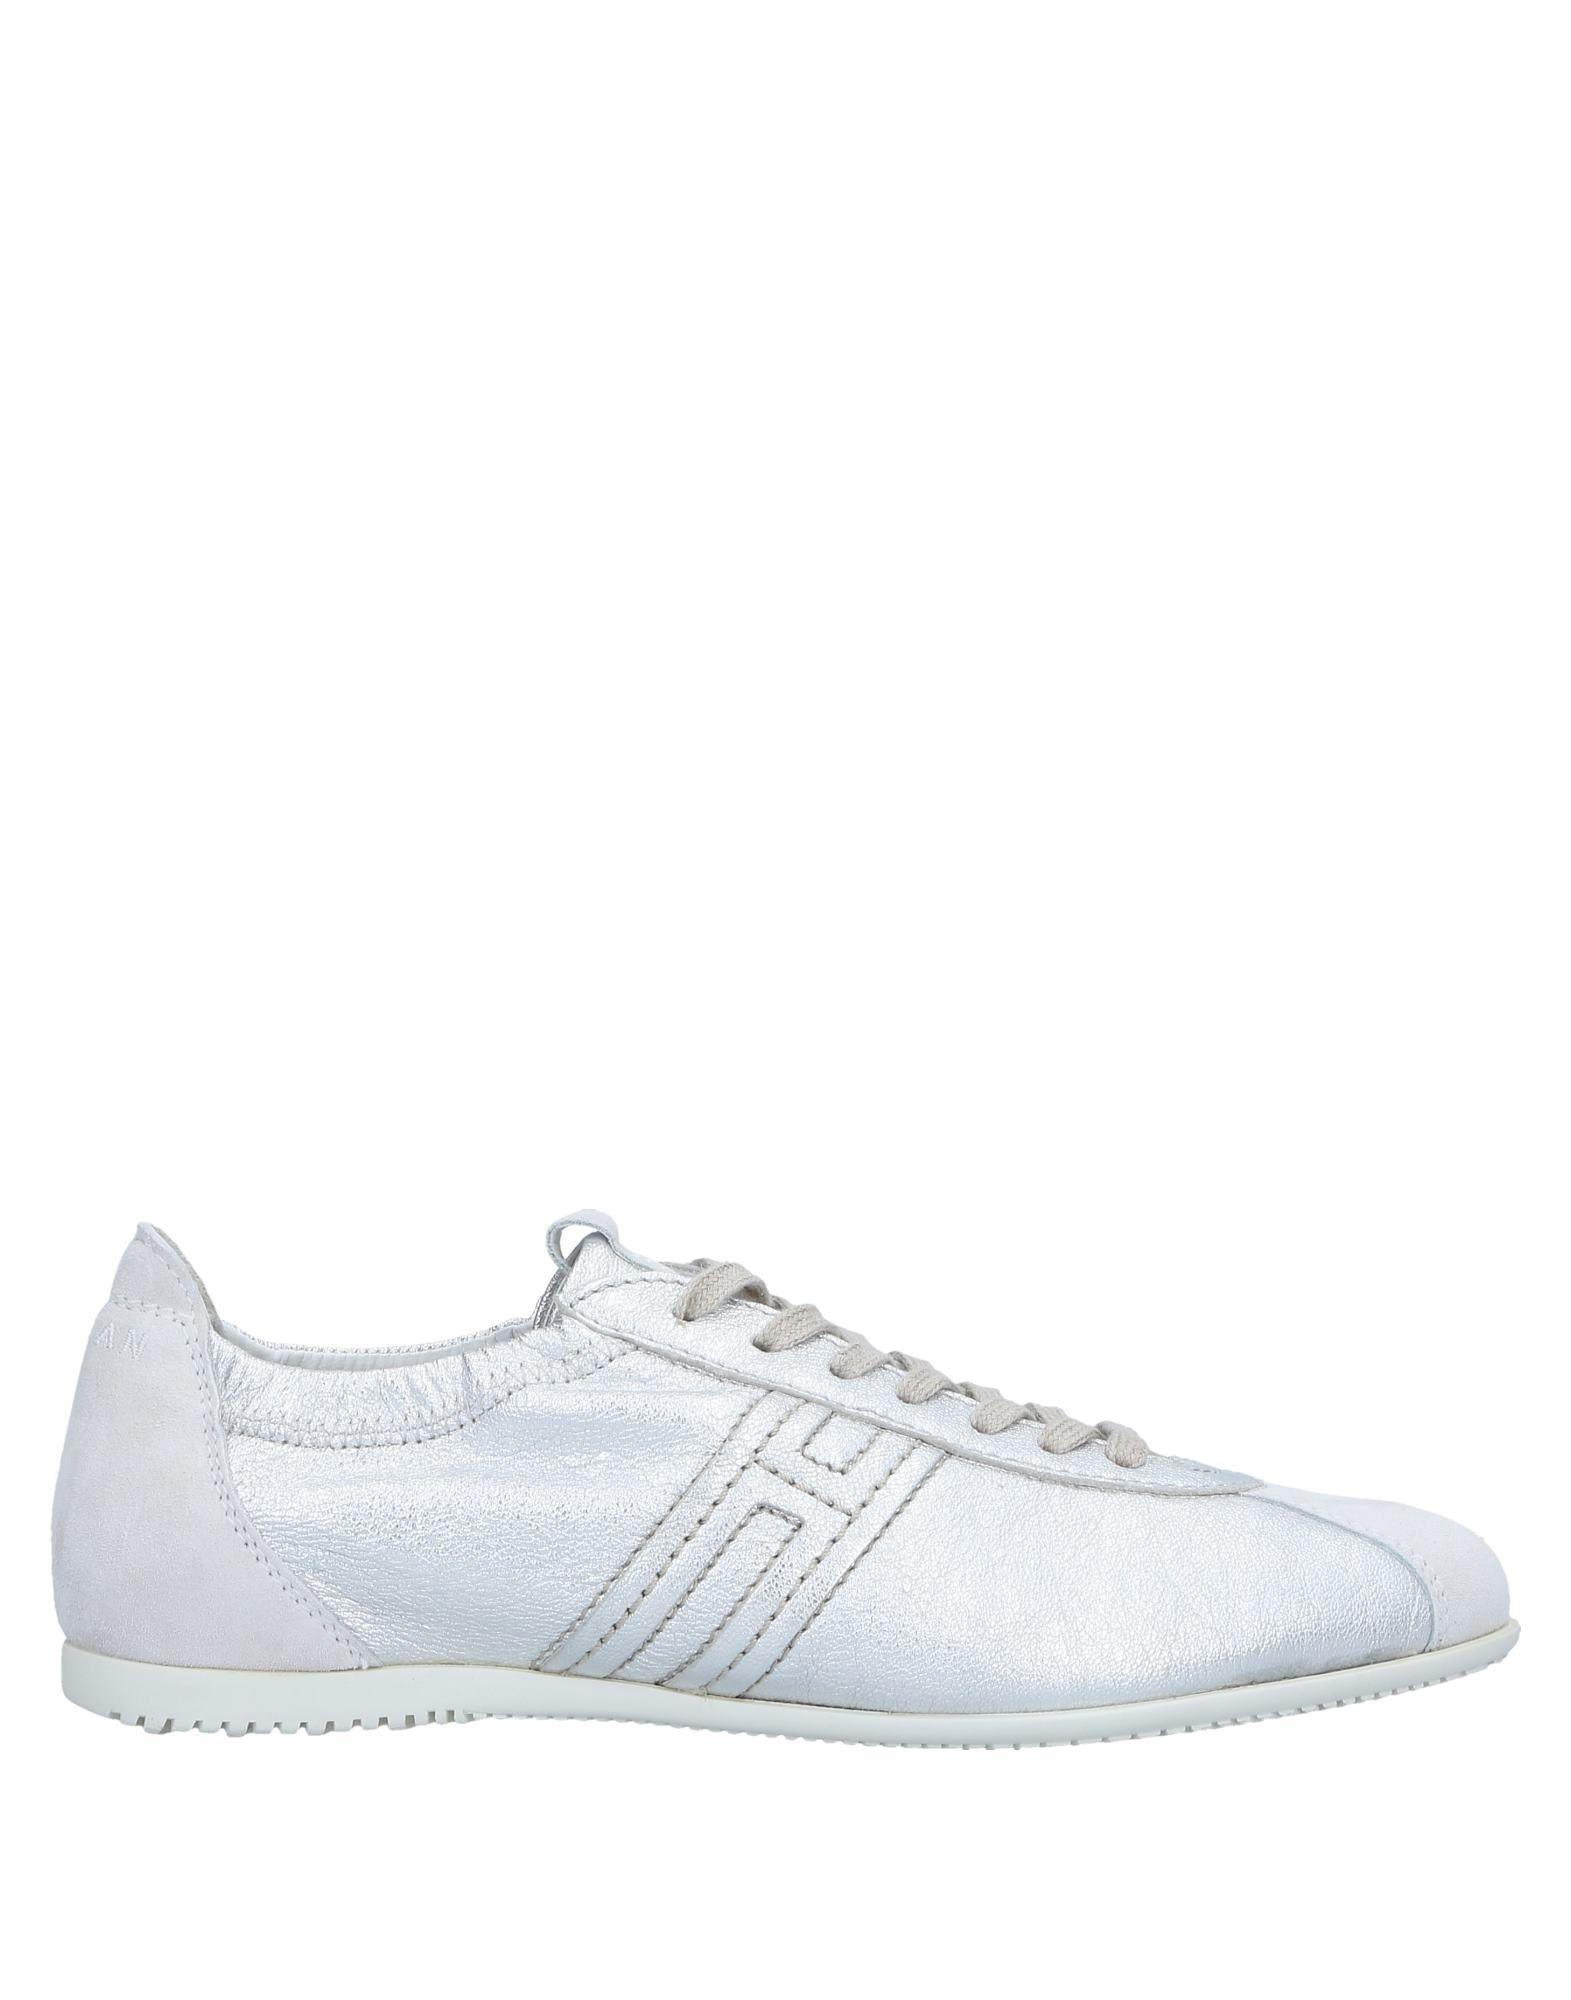 Hogan Sneakers Damen  11519196MVGut aussehende strapazierfähige Schuhe